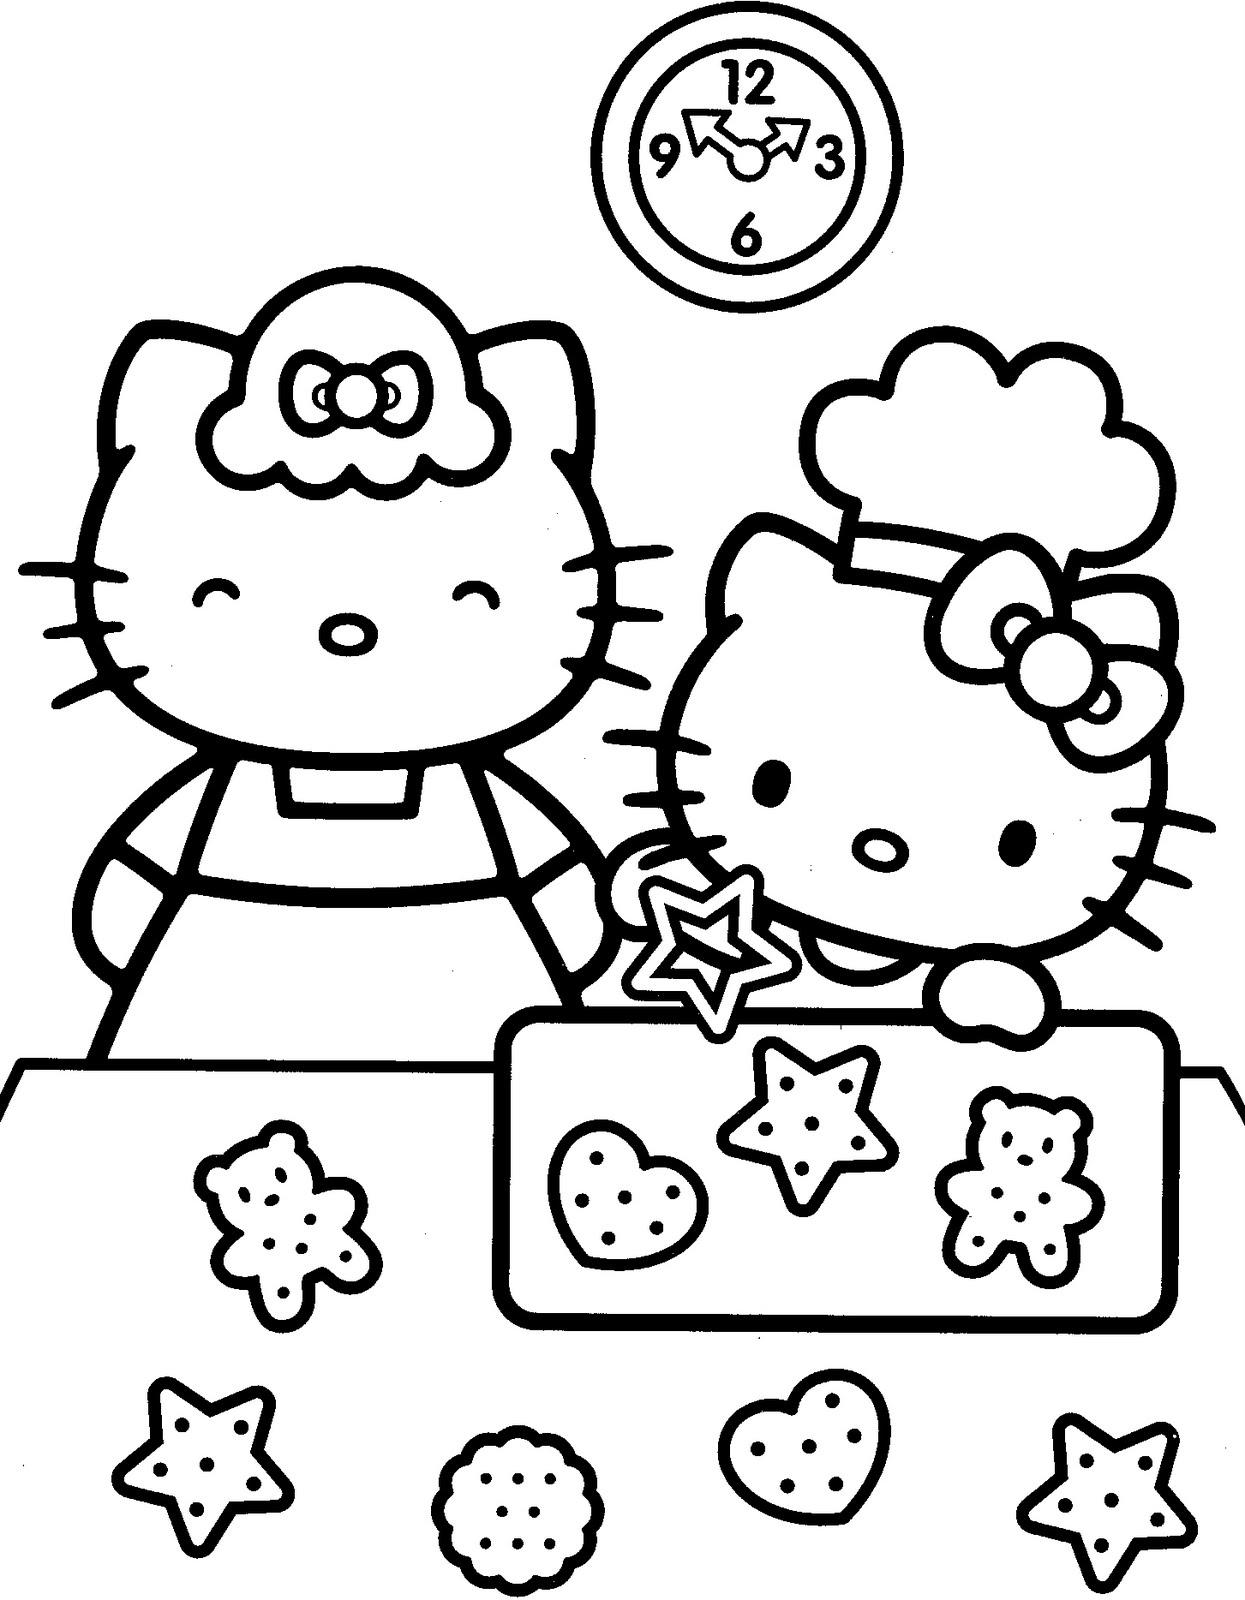 Mẫu tranh tô màu Các cô nàng mèo Hello Kitty đang chăm chỉ làm bánh